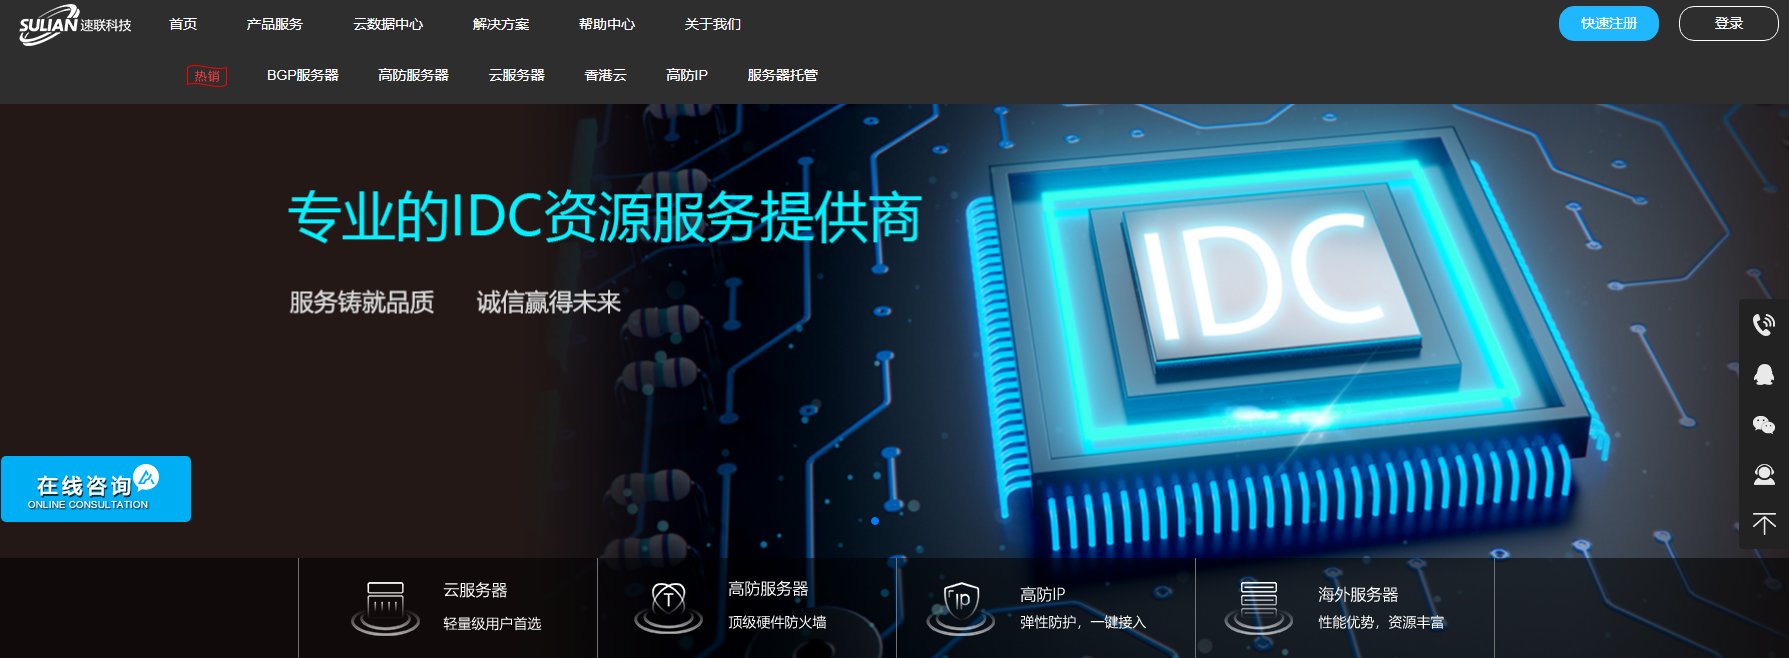 杭州速联科技浙江高防服务器一手资源-一对一资讯网